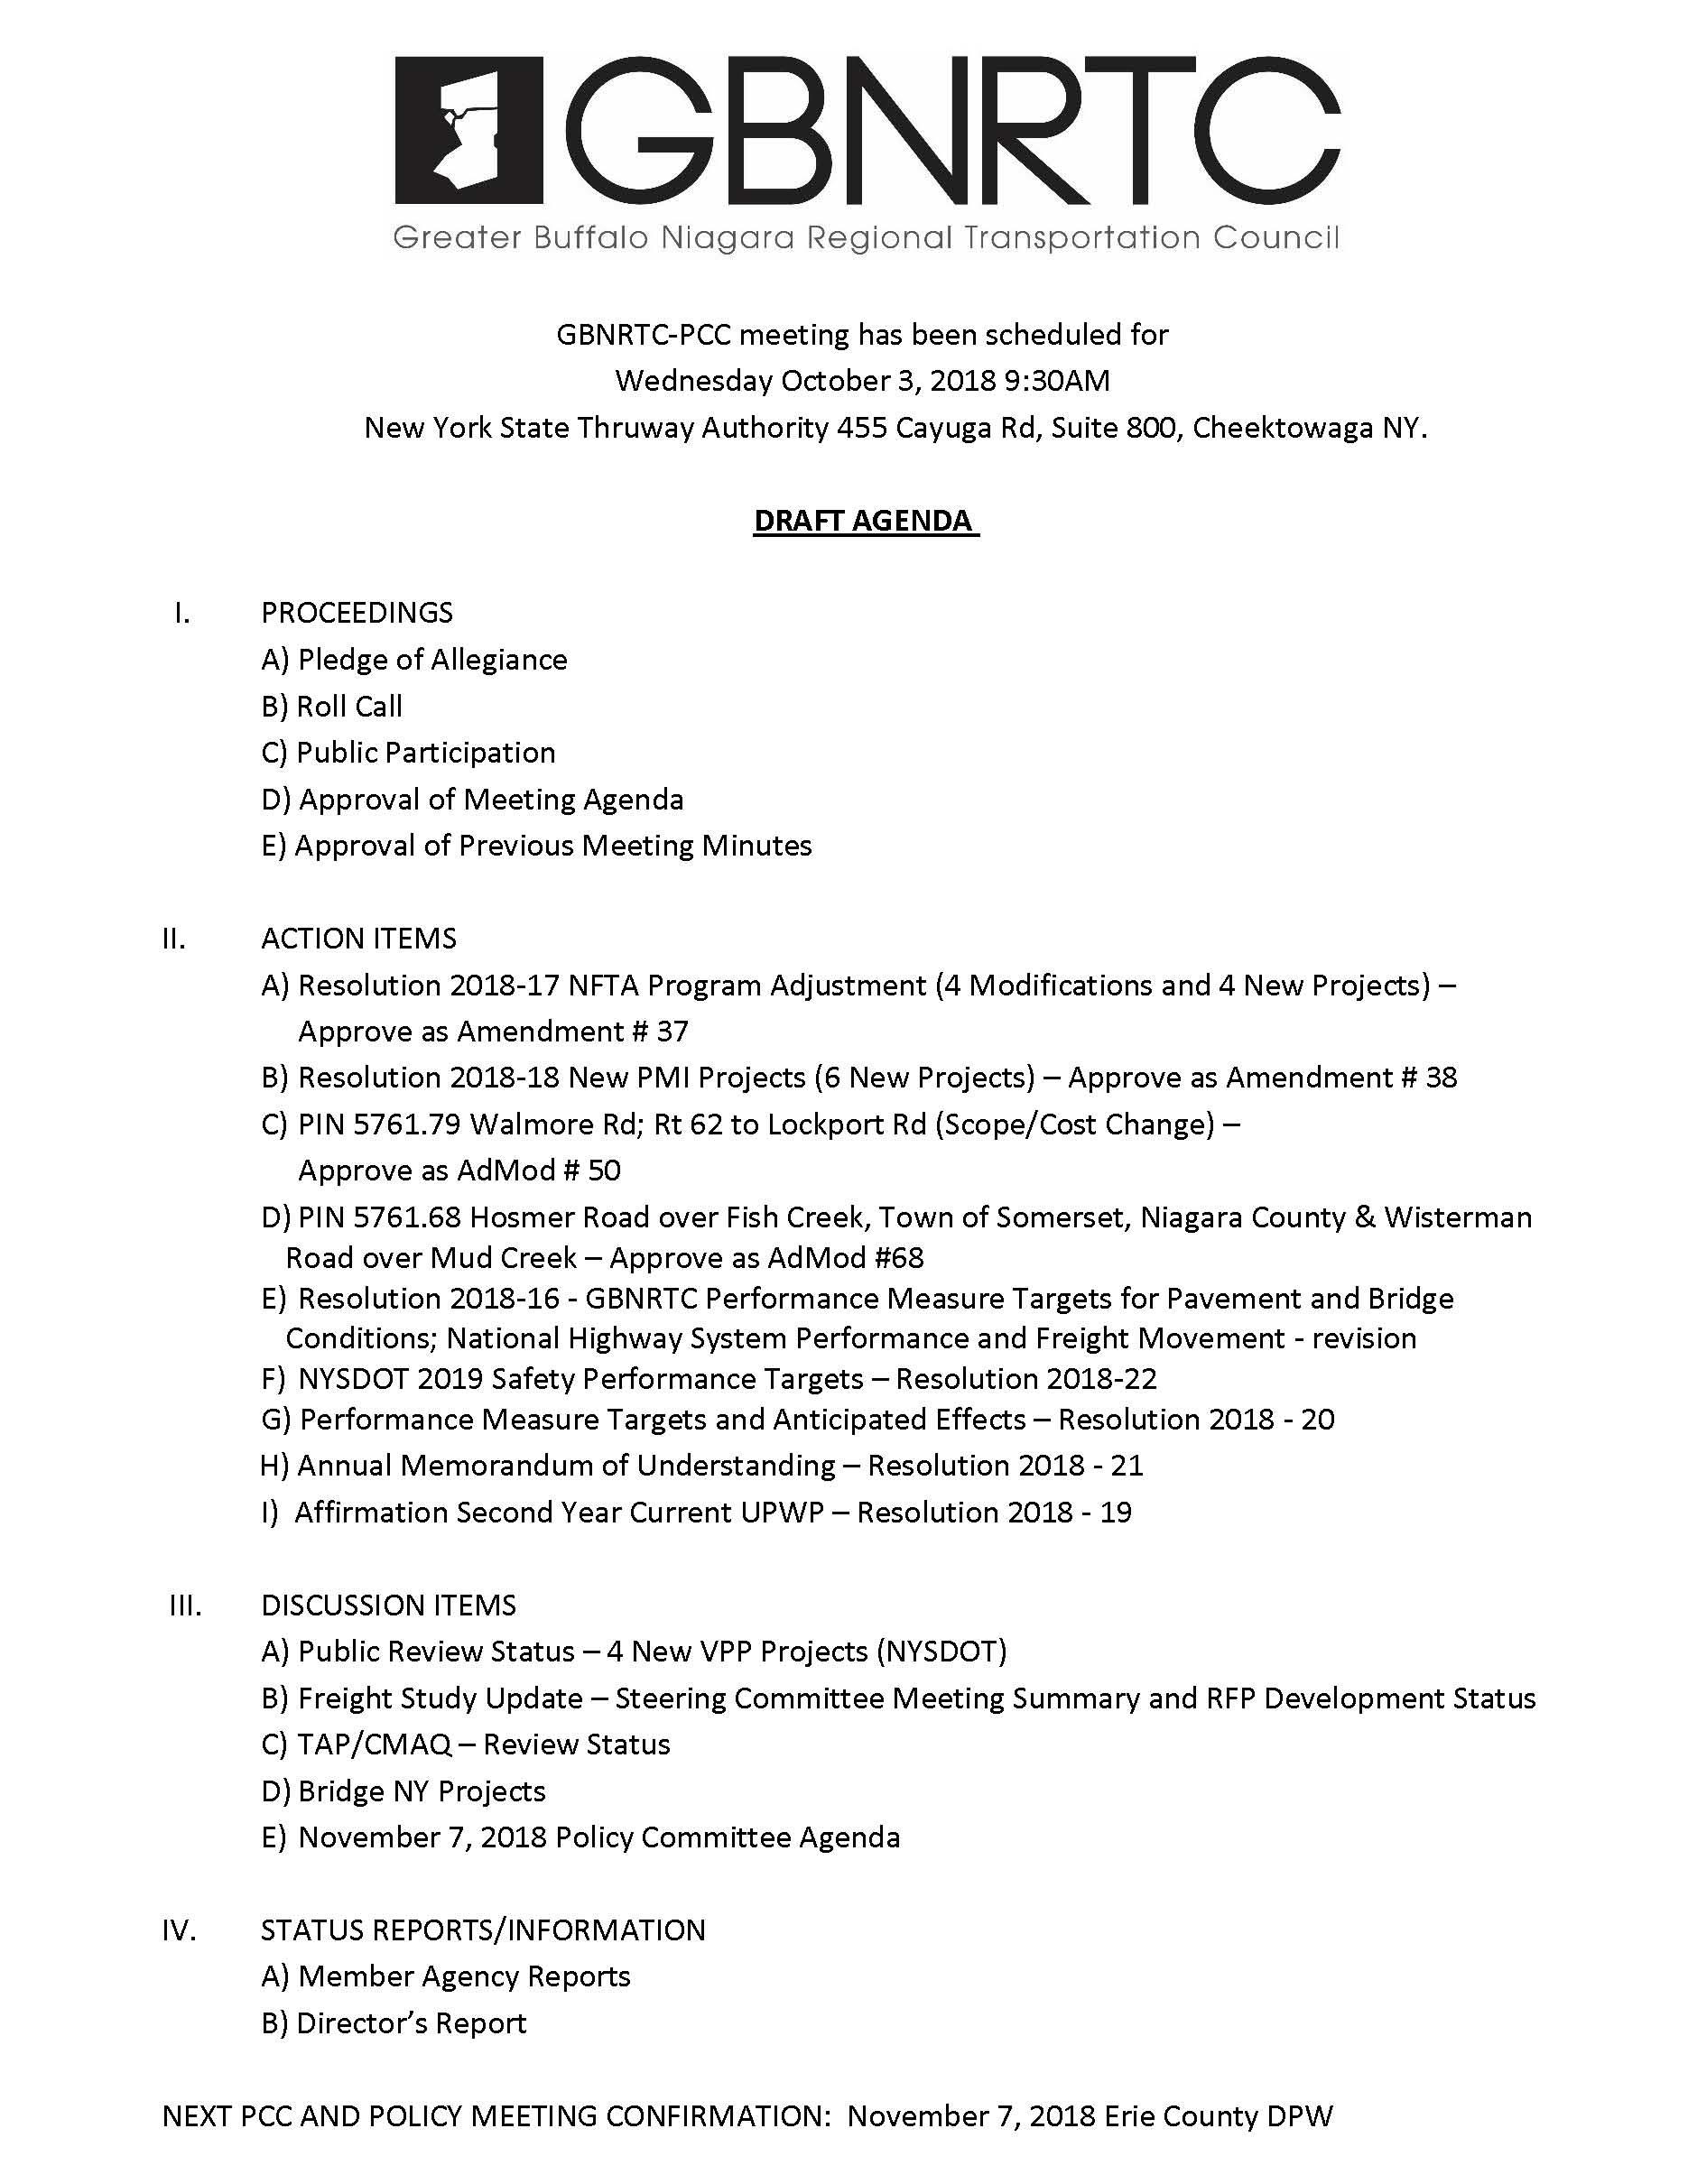 PCC Agenda October 3rd, 2018